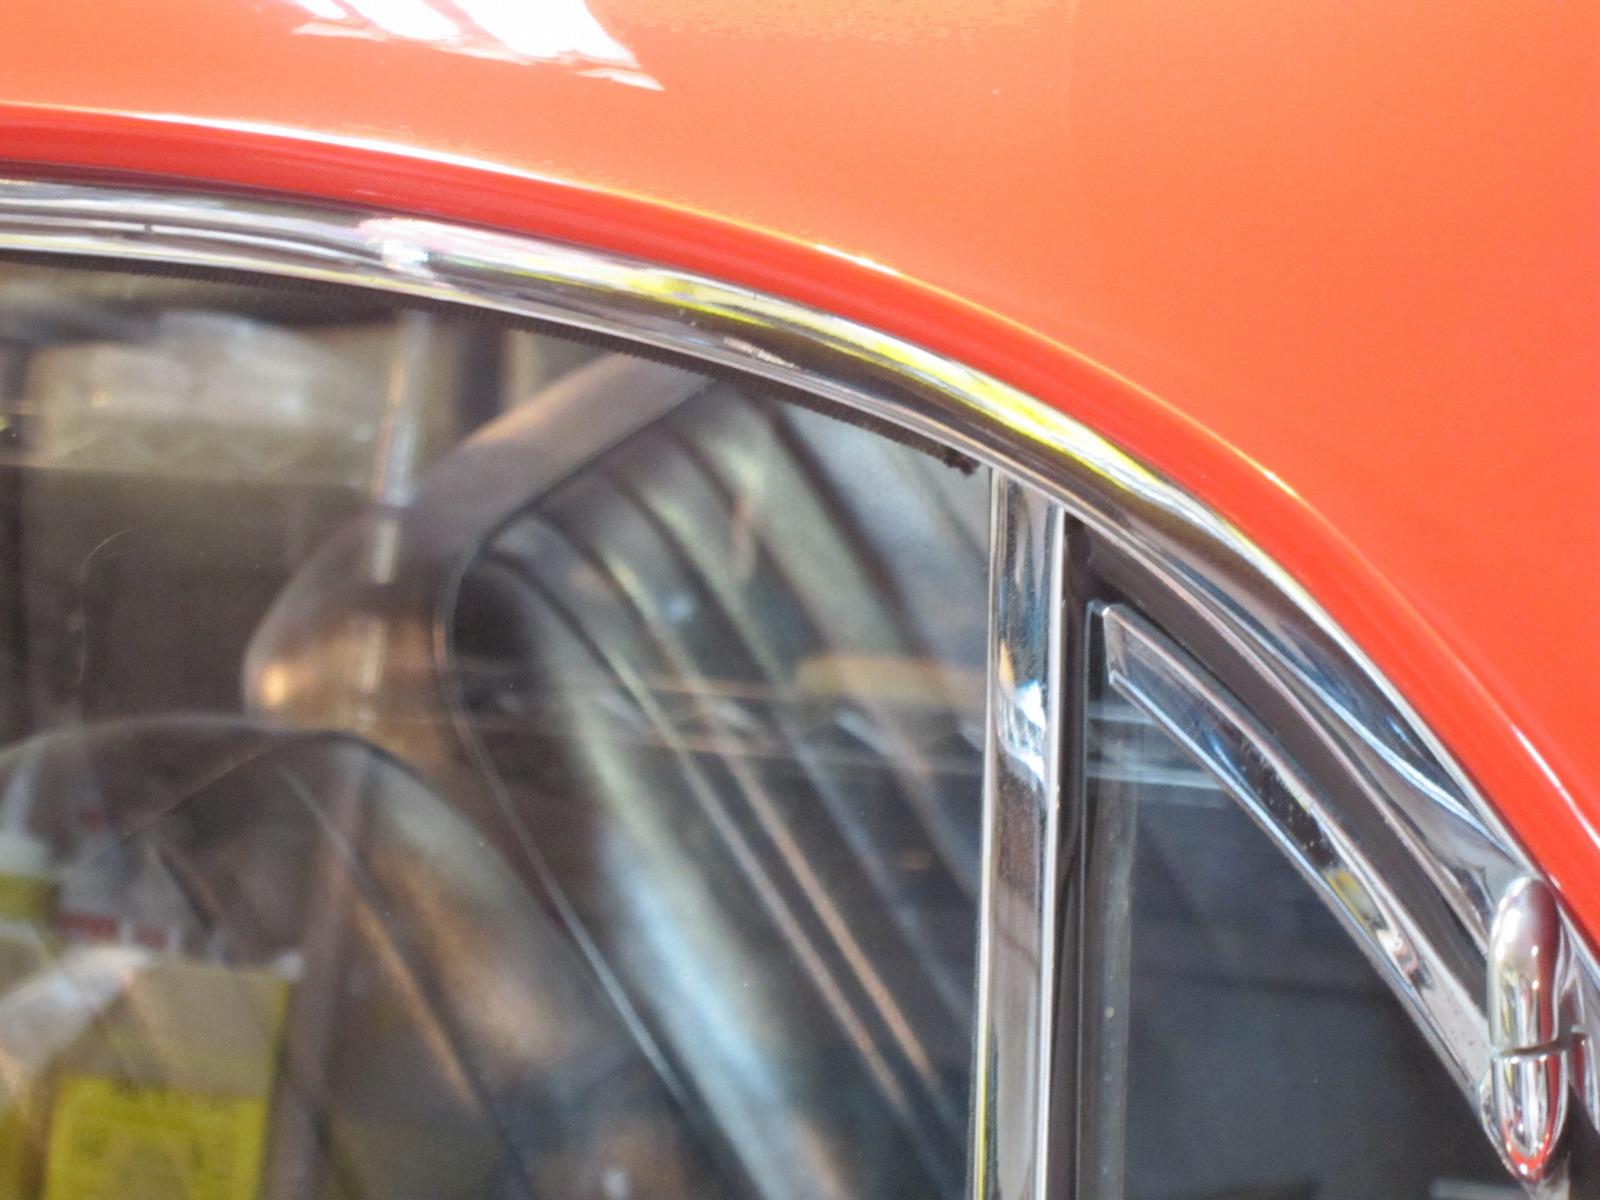 20130415-porsche-356-typeb-11